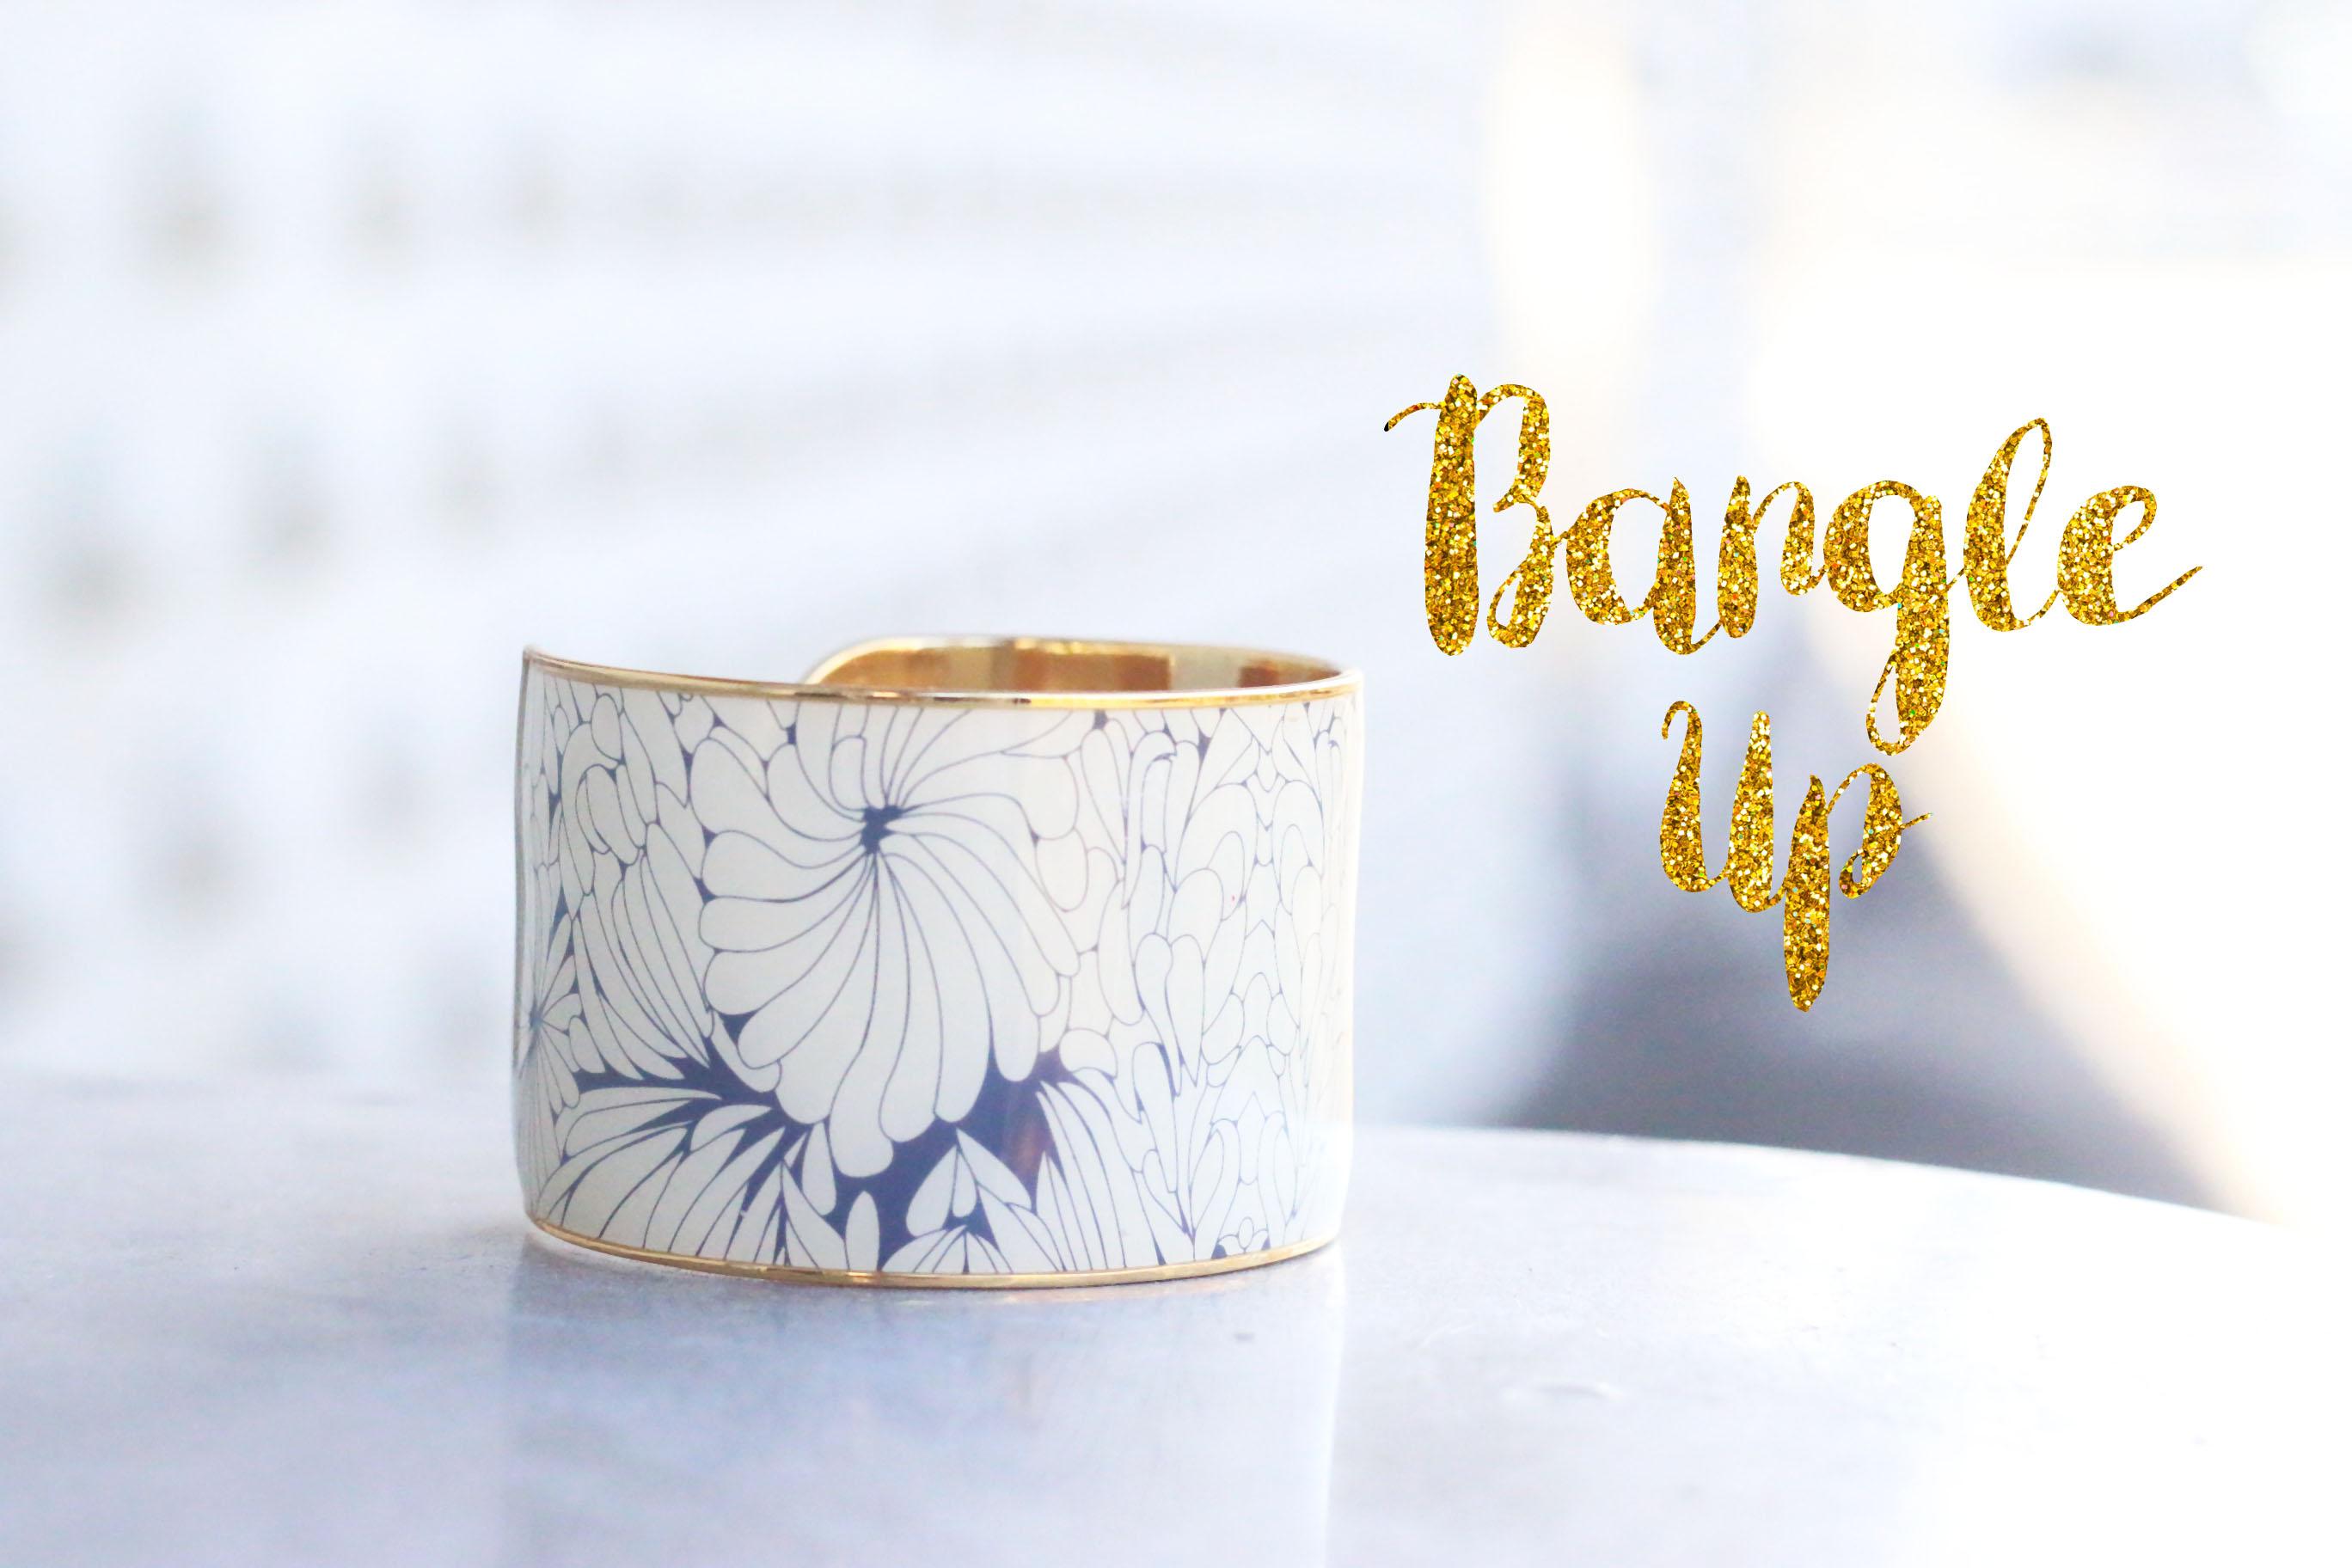 bangle-up